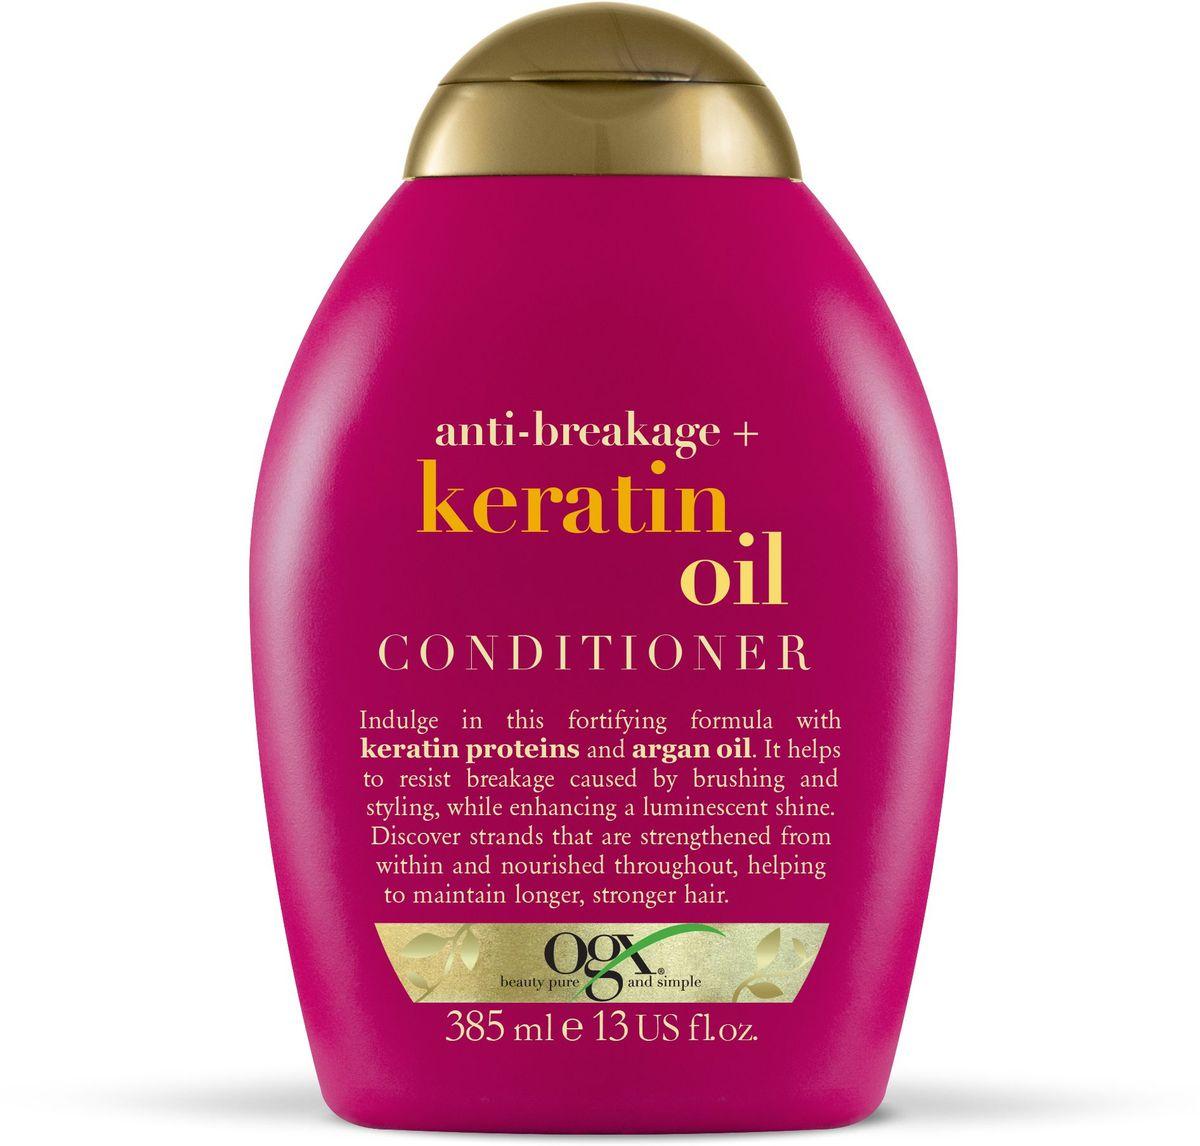 OGX Кондиционер против ломкости волос с кератиновым маслом, 385 мл.CUC08-54232Кондиционер против ломкости волос с кератиновым маслом, обогащенный протеинами кератина и аргановым маслом, борется против ломкости волос, питает волосы и придает им силу, блеск и сияние.